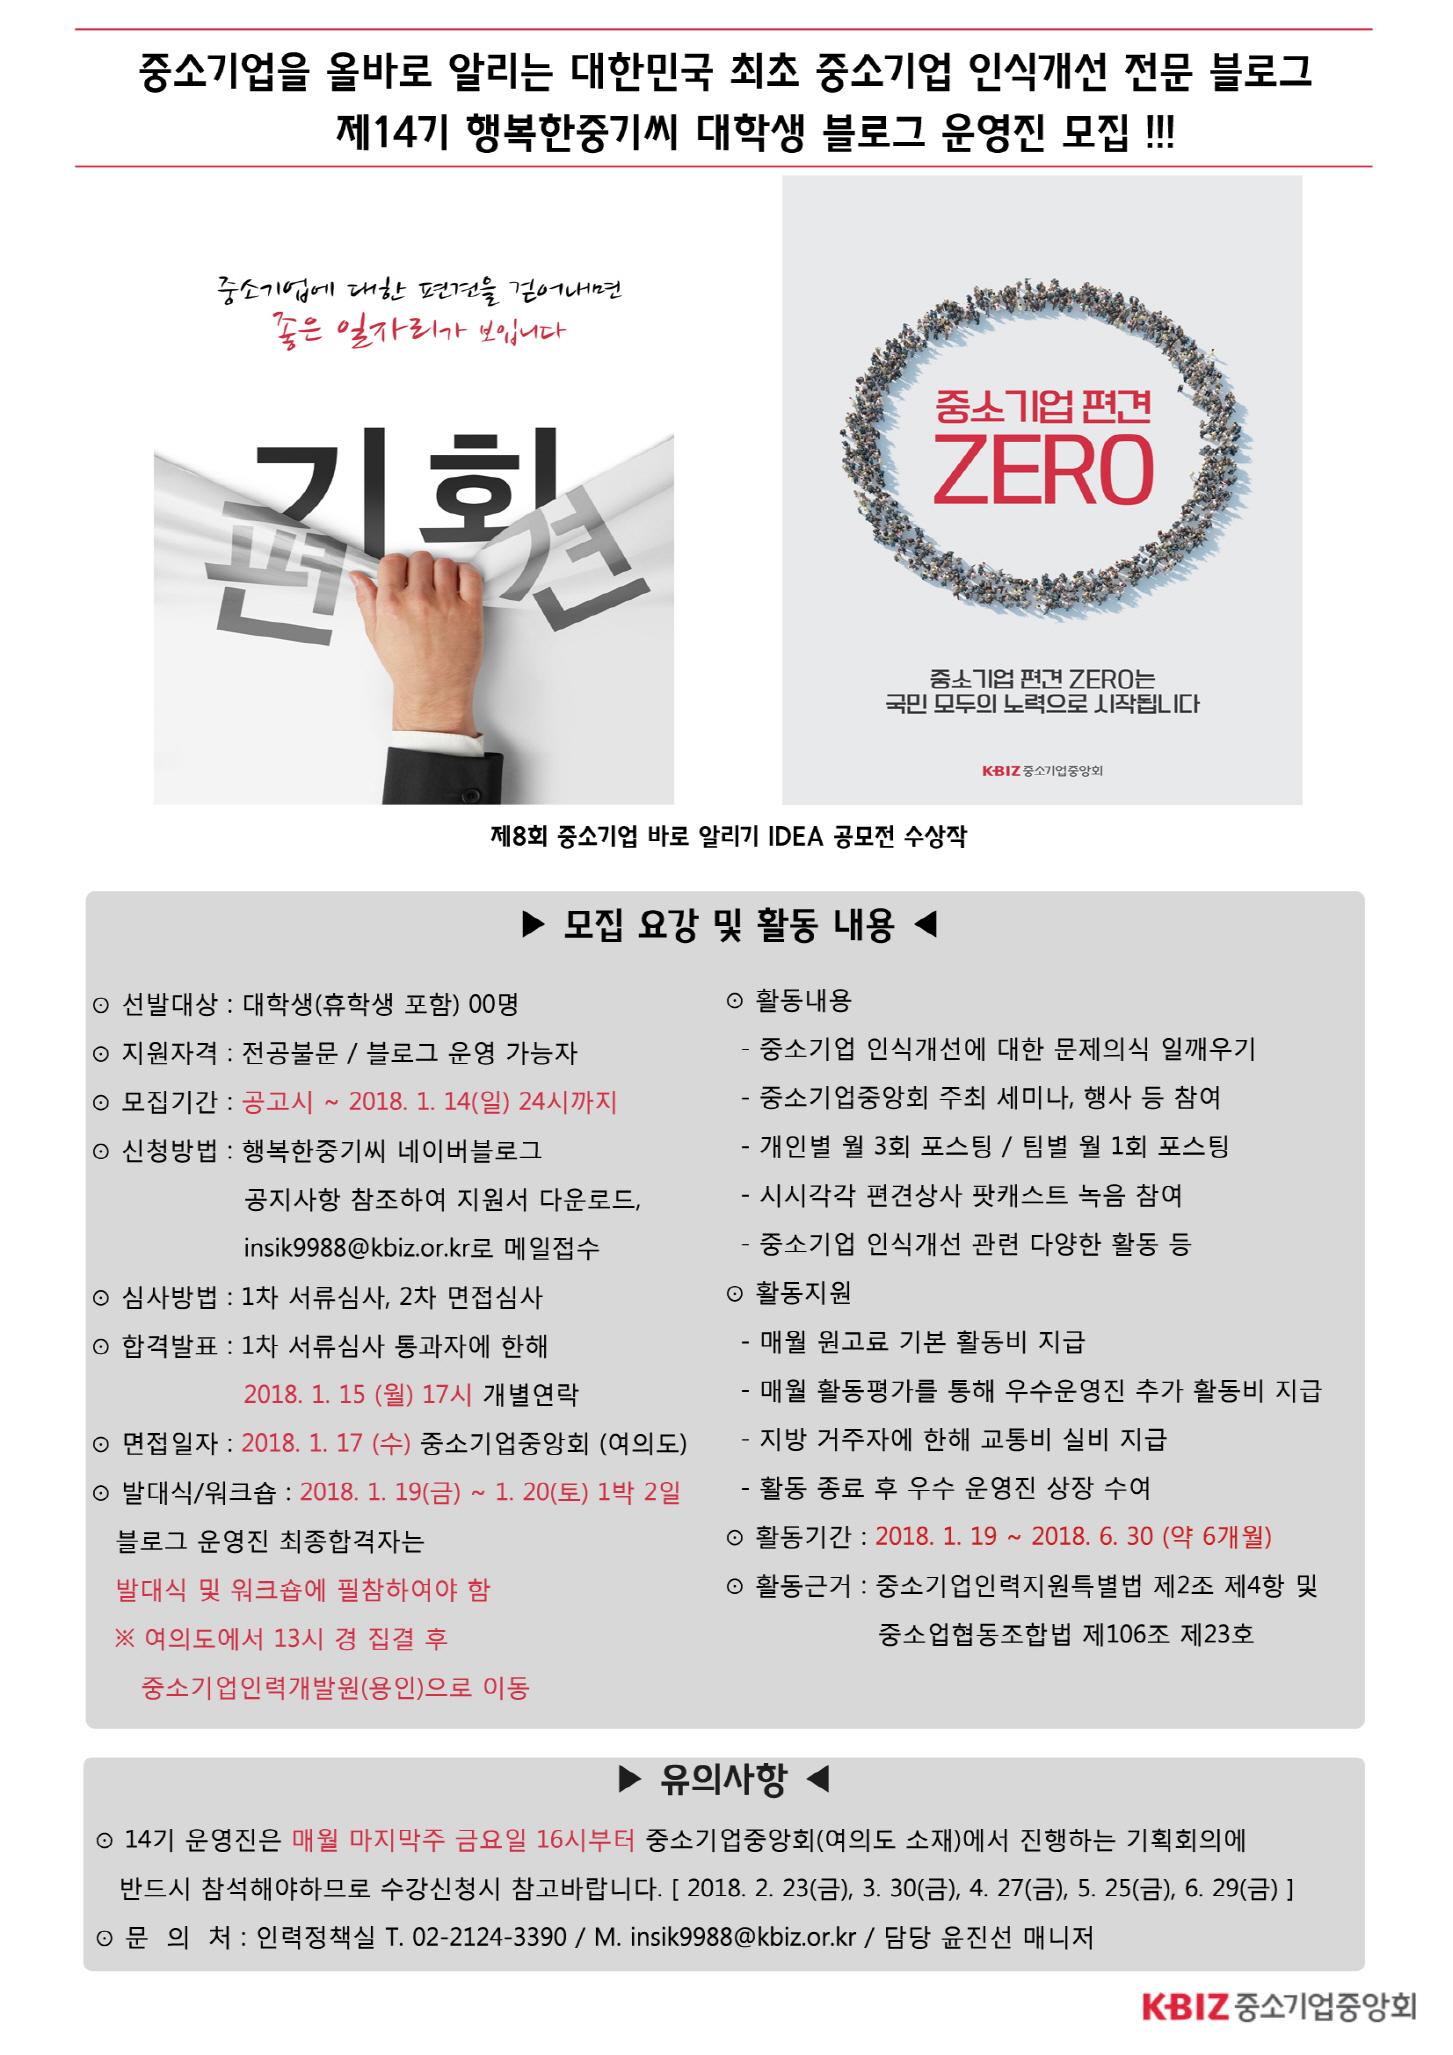 [중소기업중앙회] 제14기 행복한중기씨 네이버 블로그 운영진 모집